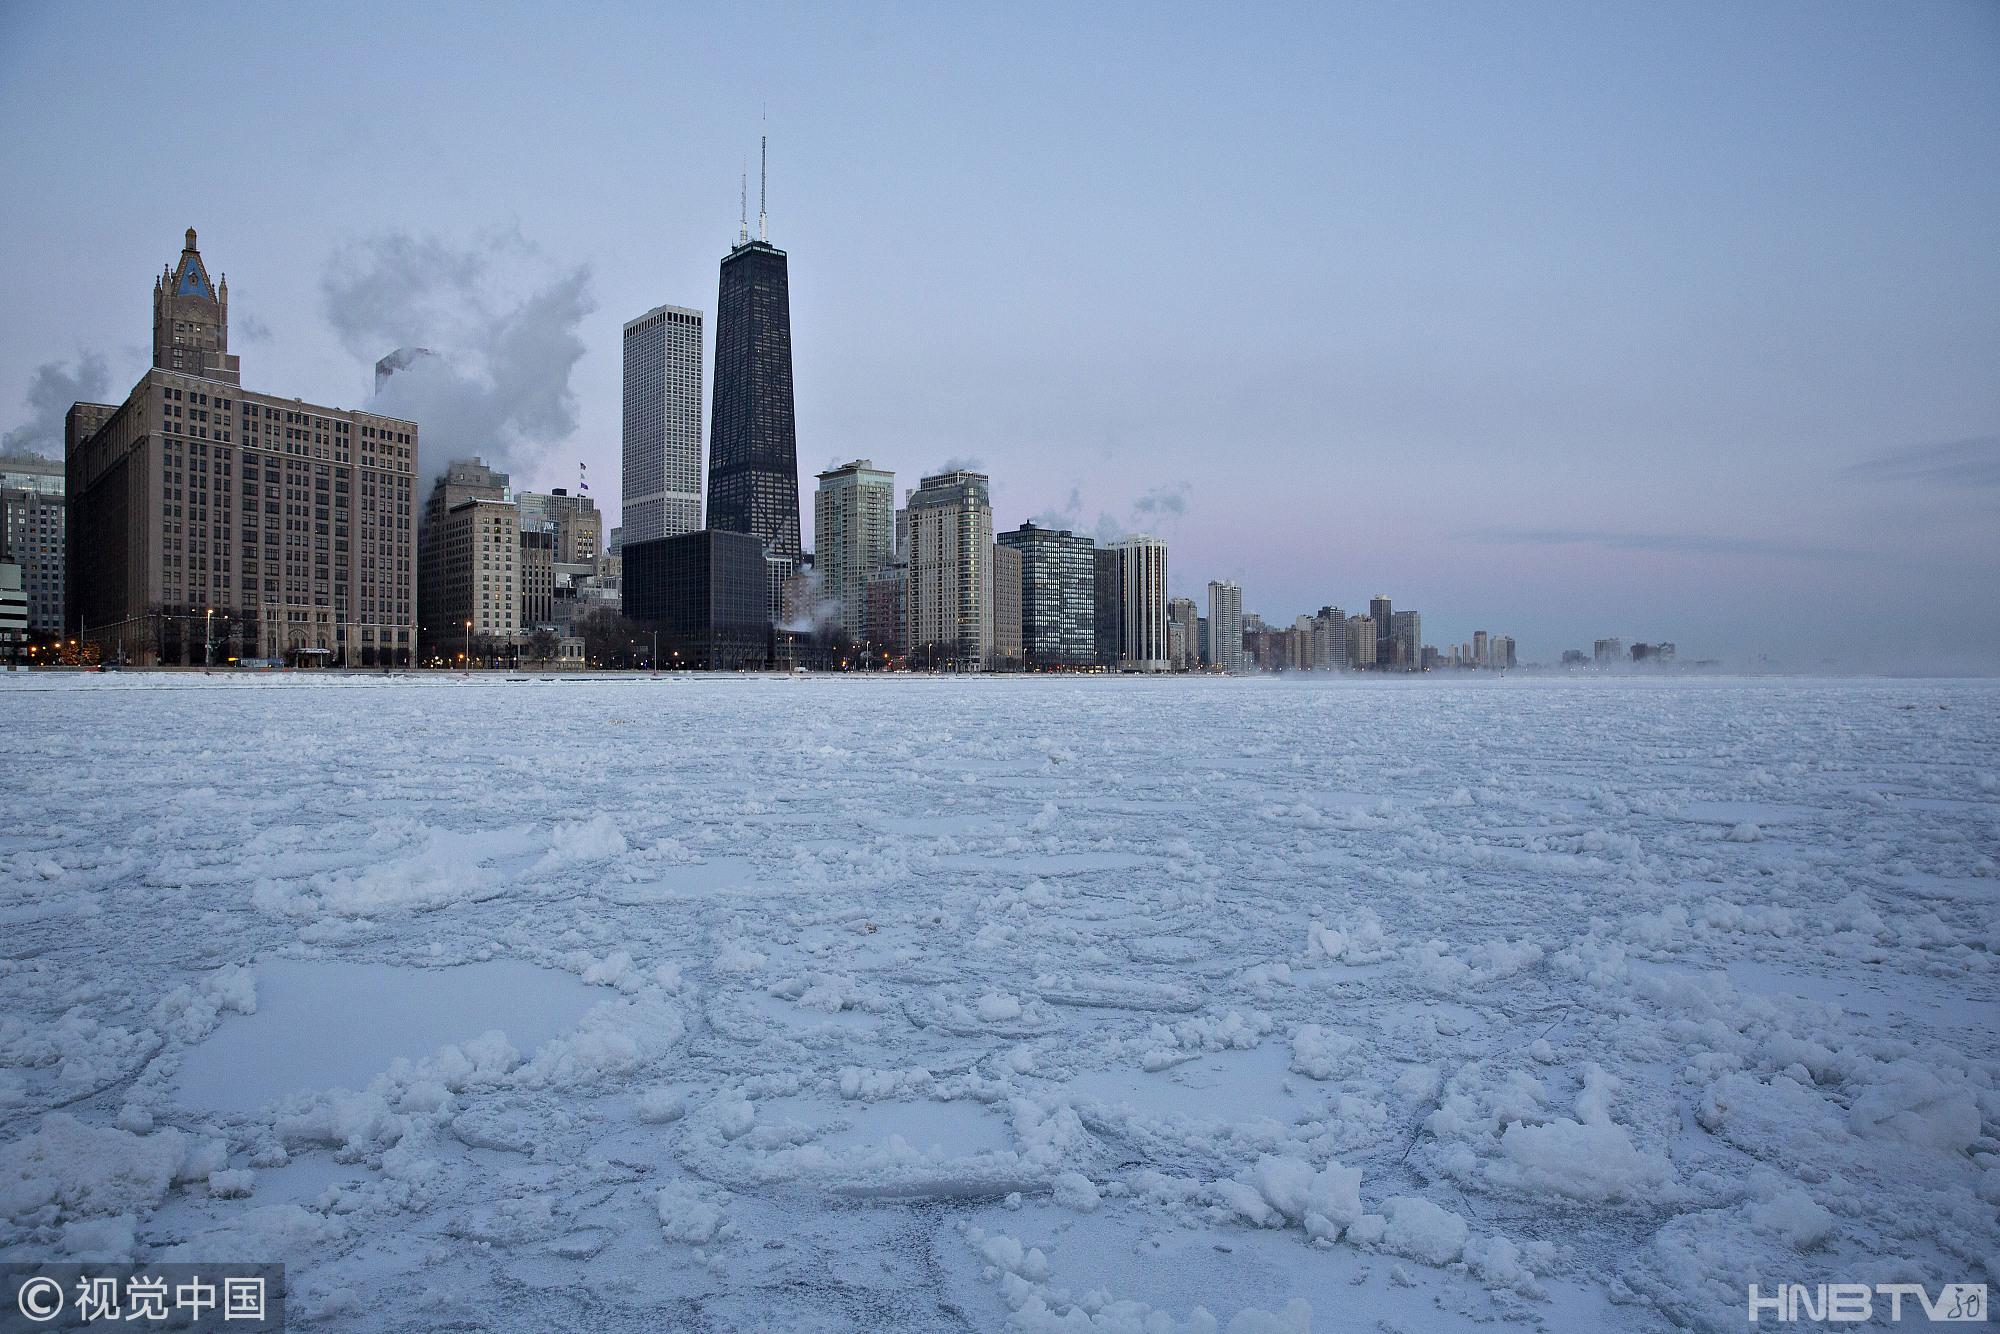 美国多地遭遇极寒天气